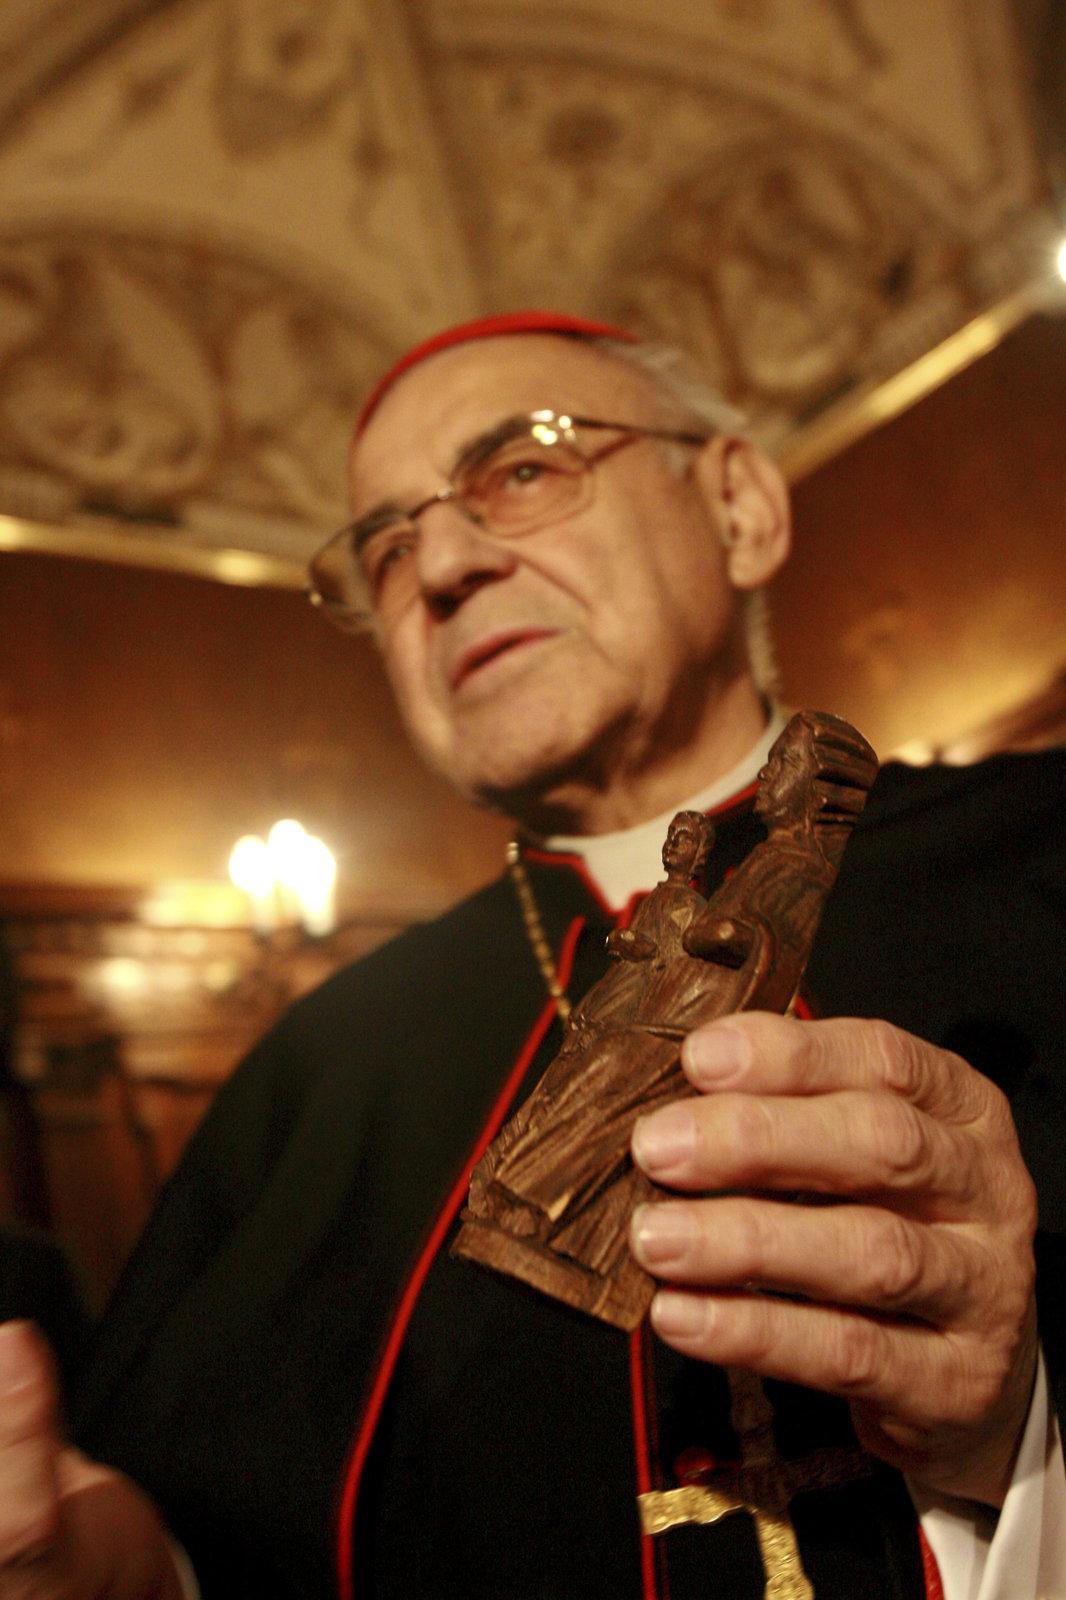 Kardinál Vlk podlehl rakovině. Z plic se rozšířila do kostí, se smrtí byl smířený